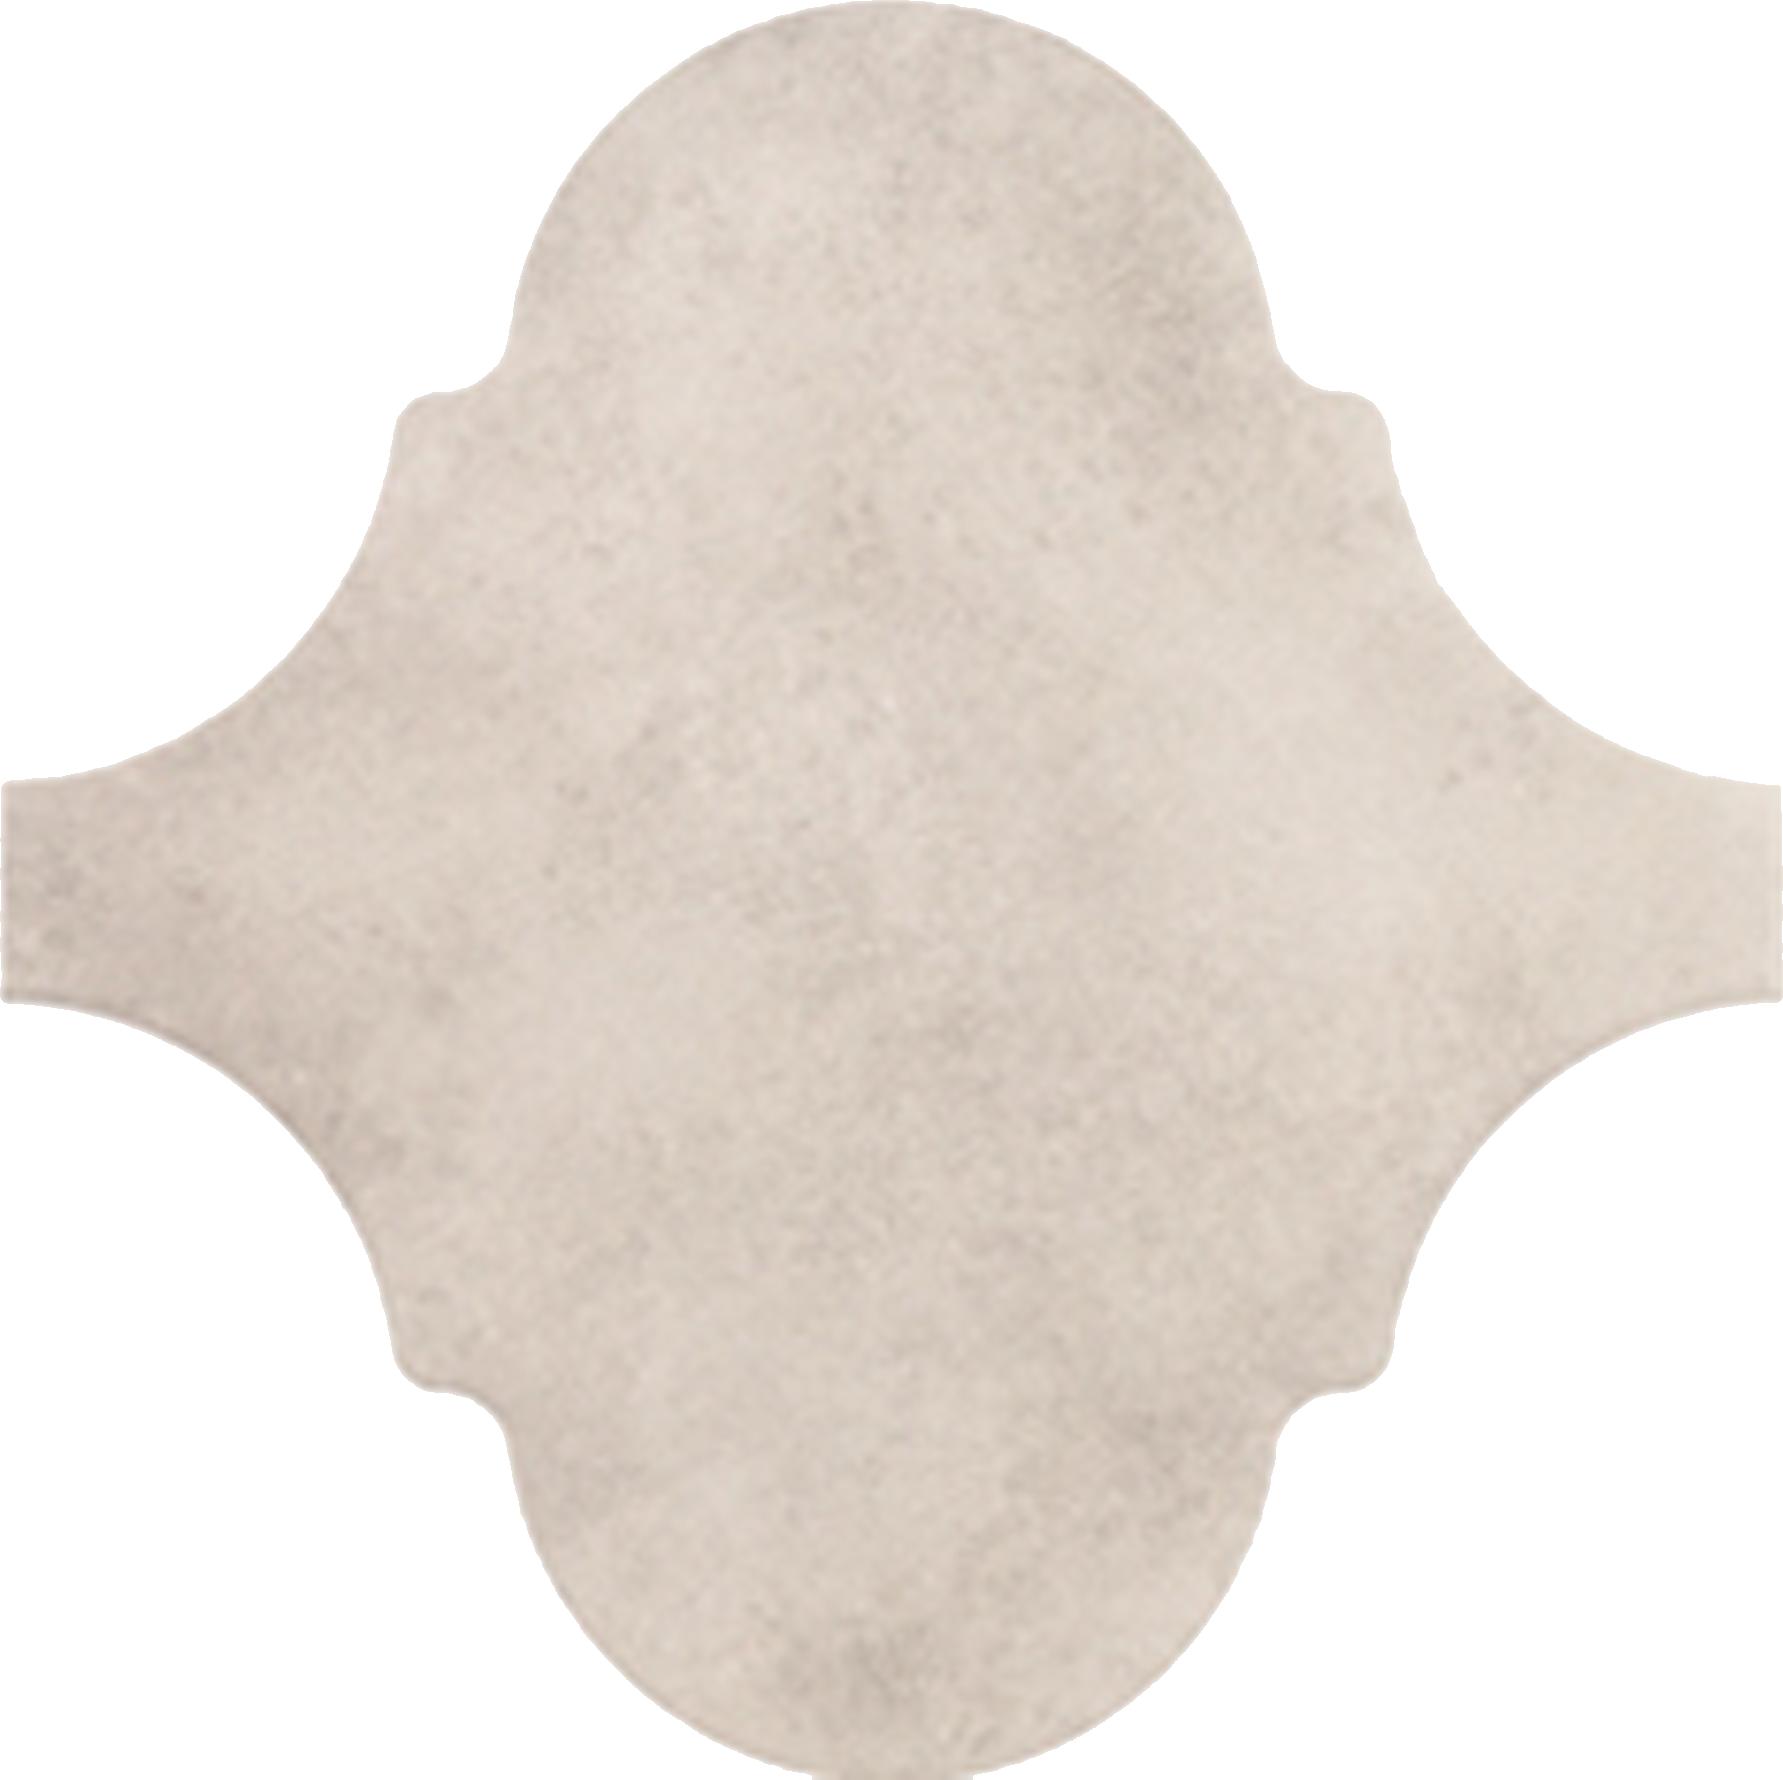 Curvytile Factory Cream  26.5x26.5 cm